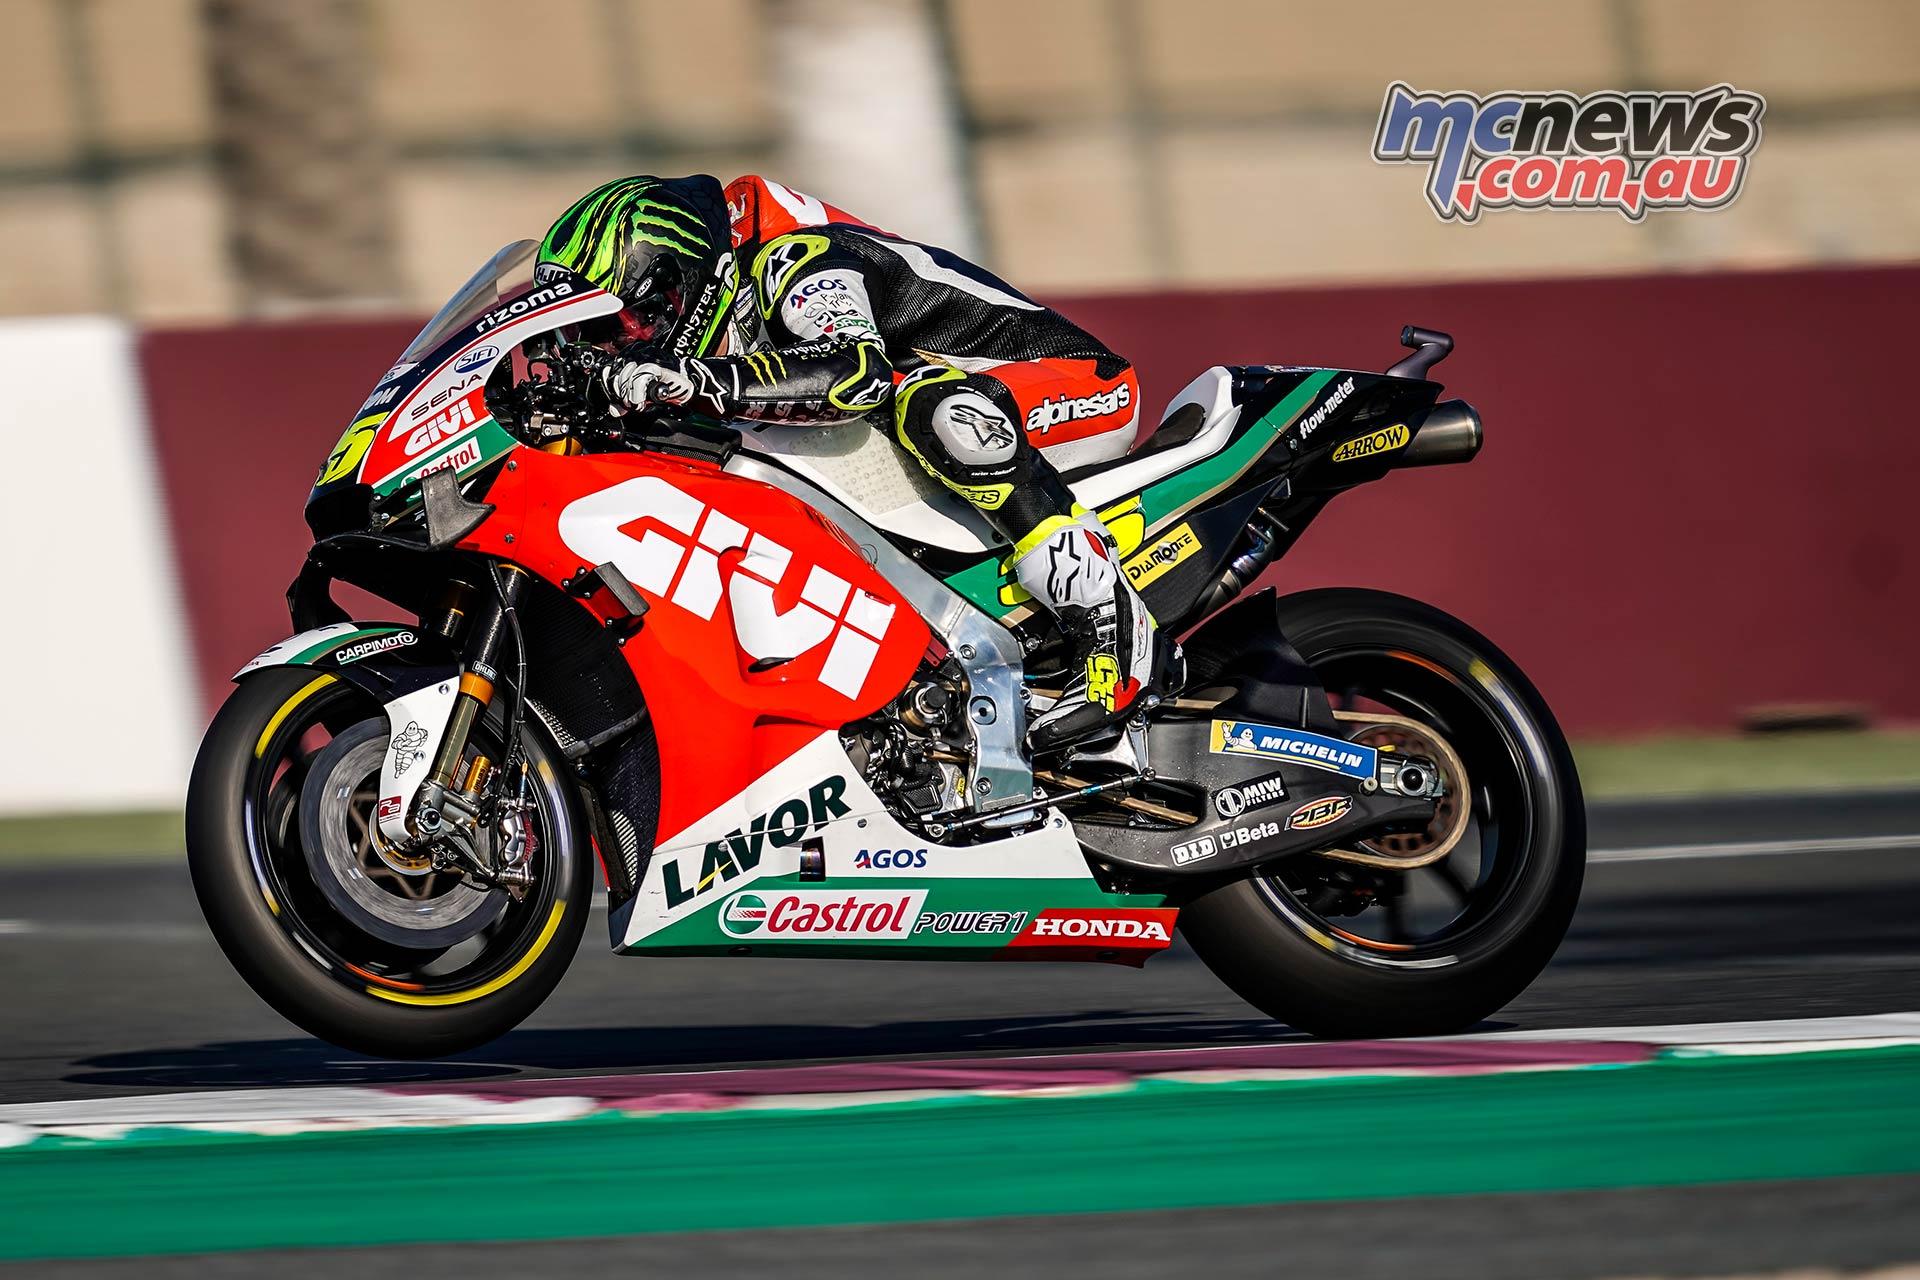 MotoGP Rnd Qatar Friday Cal Crutchlow